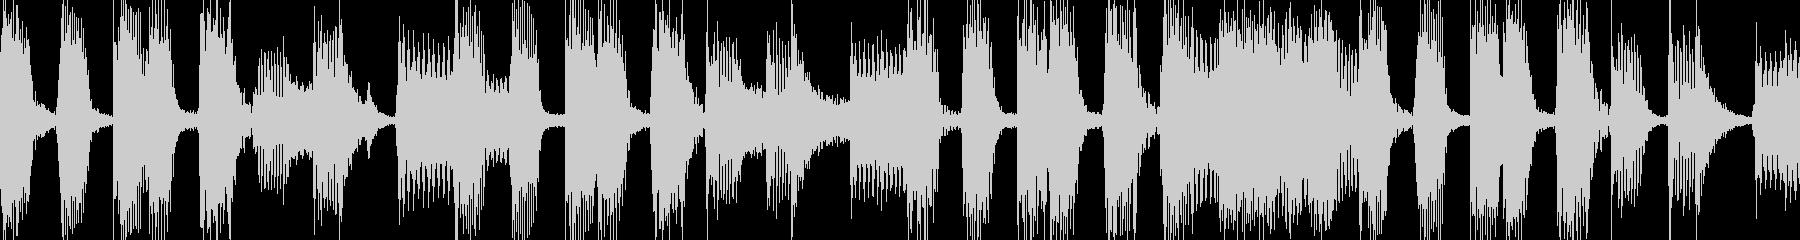 Brassメインのバンドサウンドの未再生の波形